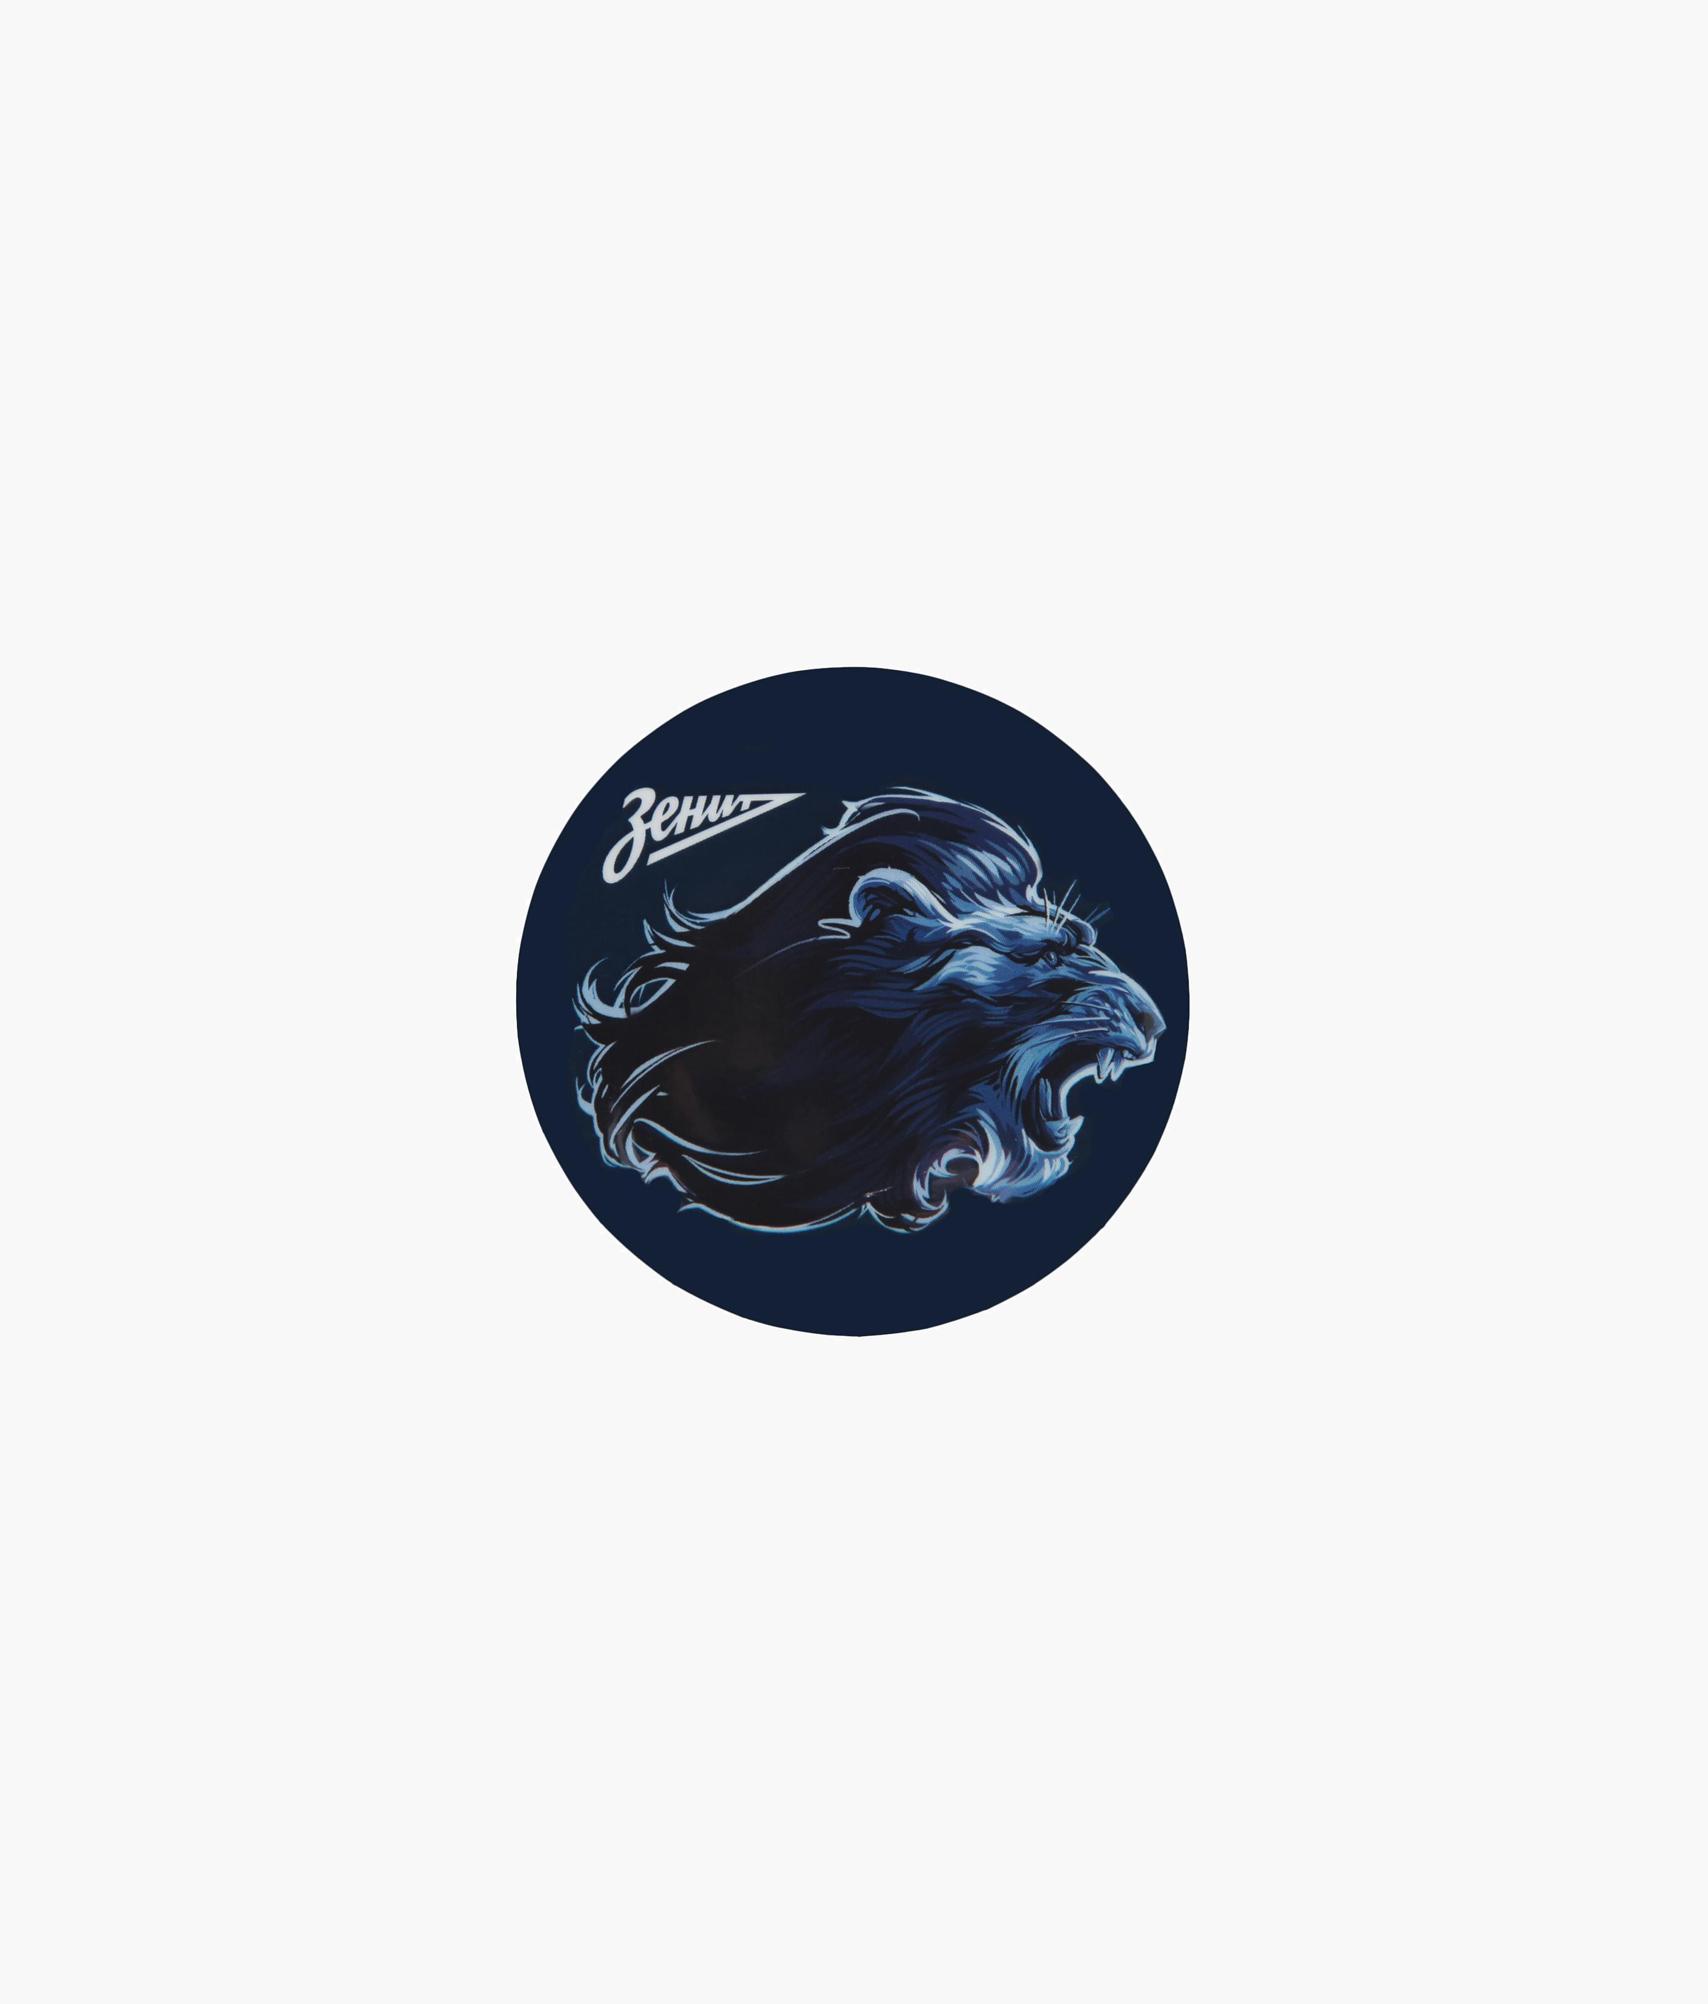 Магнит закатной БК«Зенит-Лев» Зенит значок закатной эмблема чемпионата мира 2018 зенит